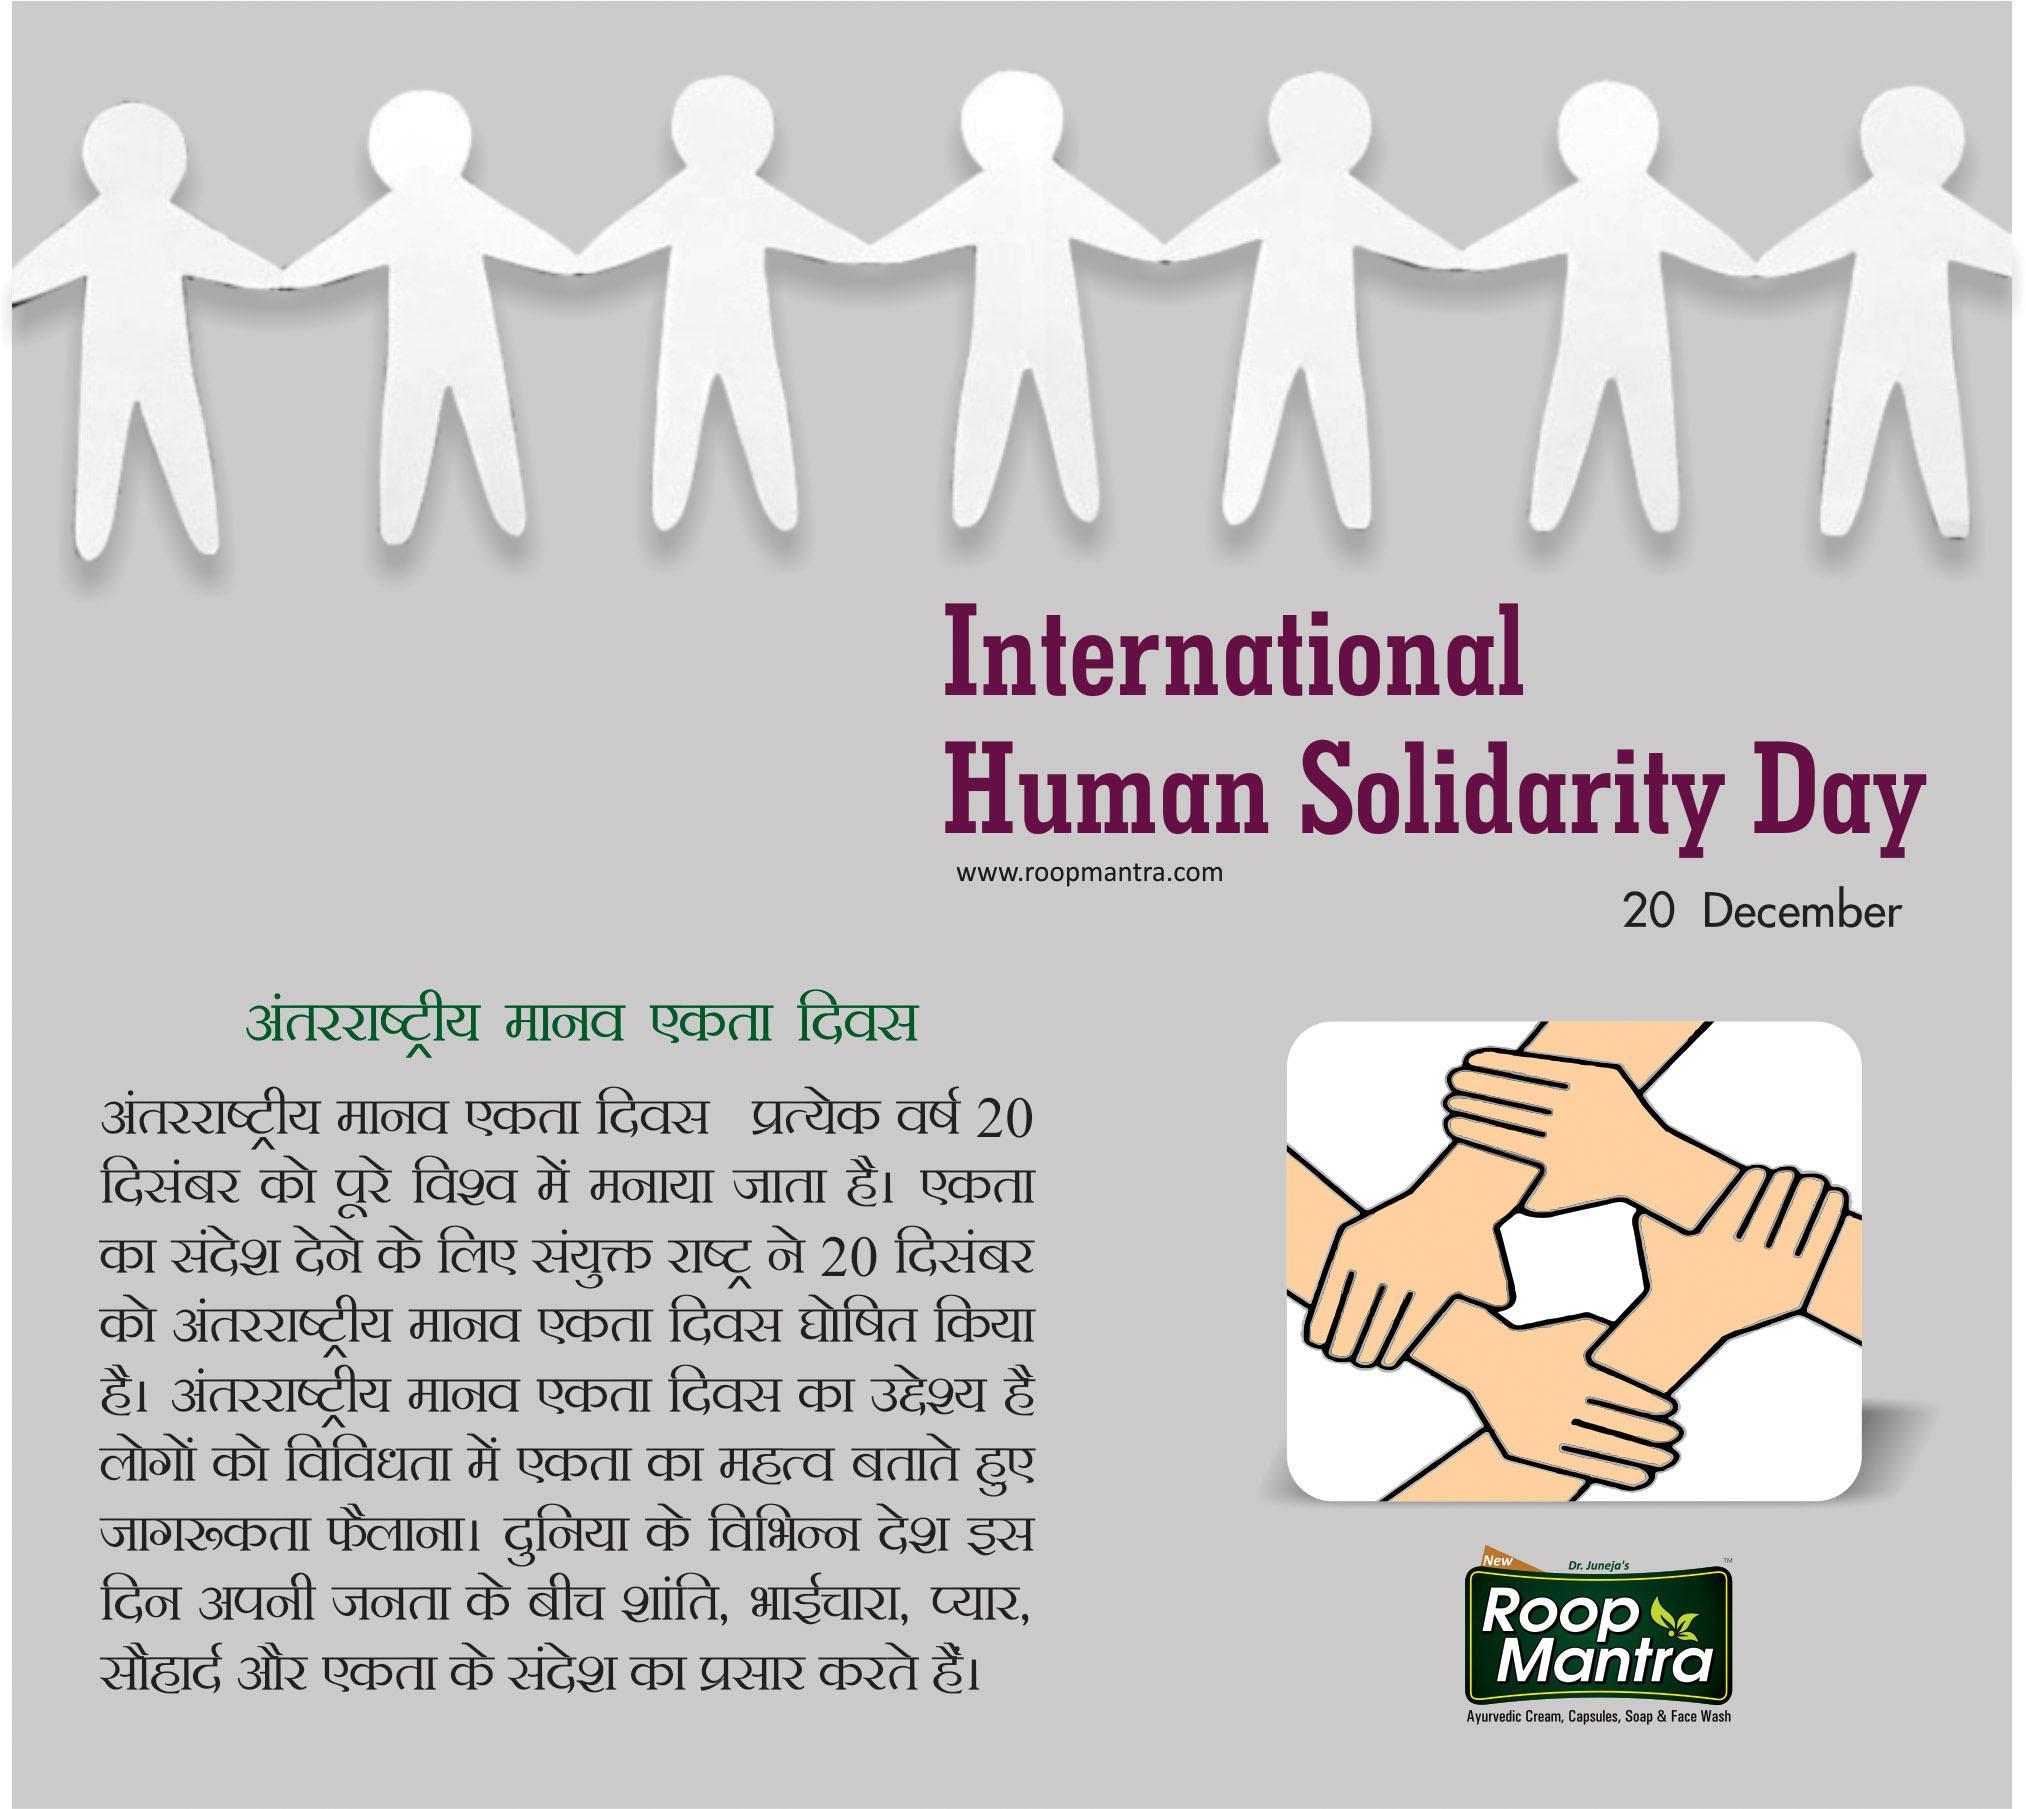 International Human Solidarity Day 2017